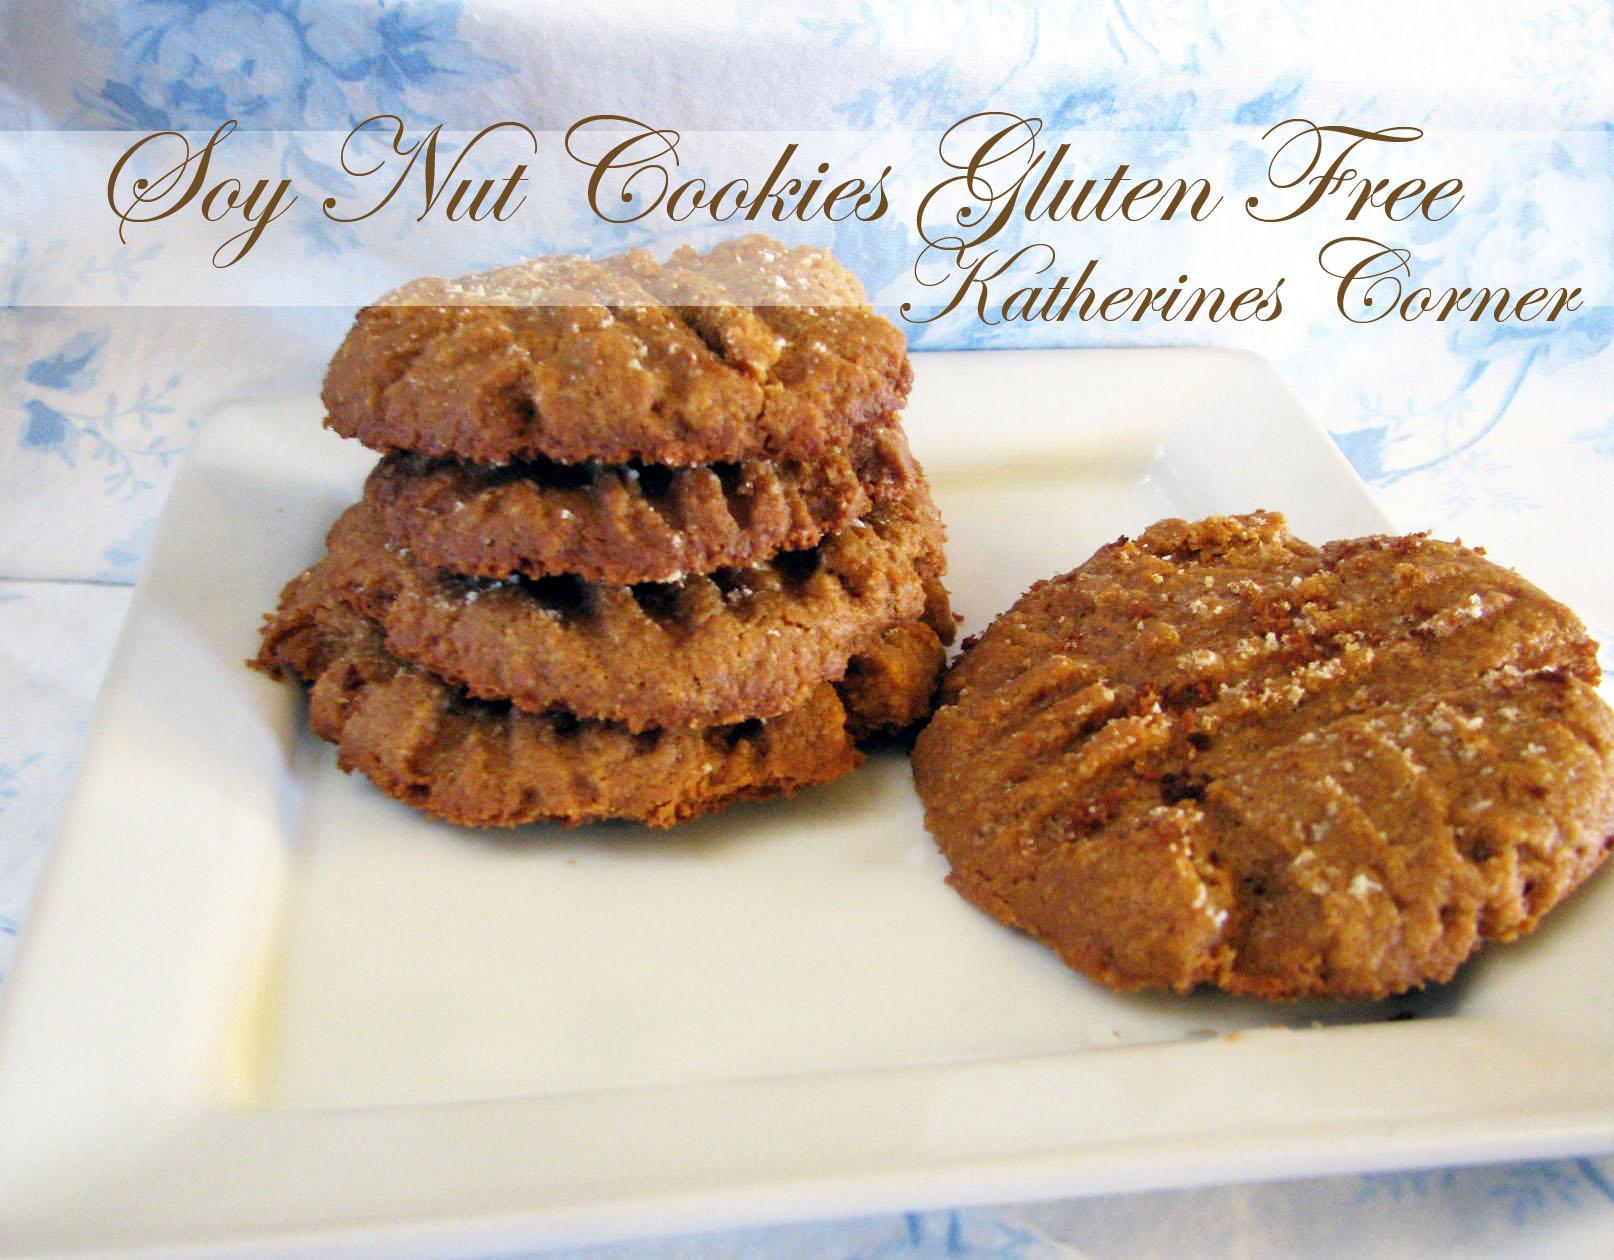 soy nut cookies katherines corner